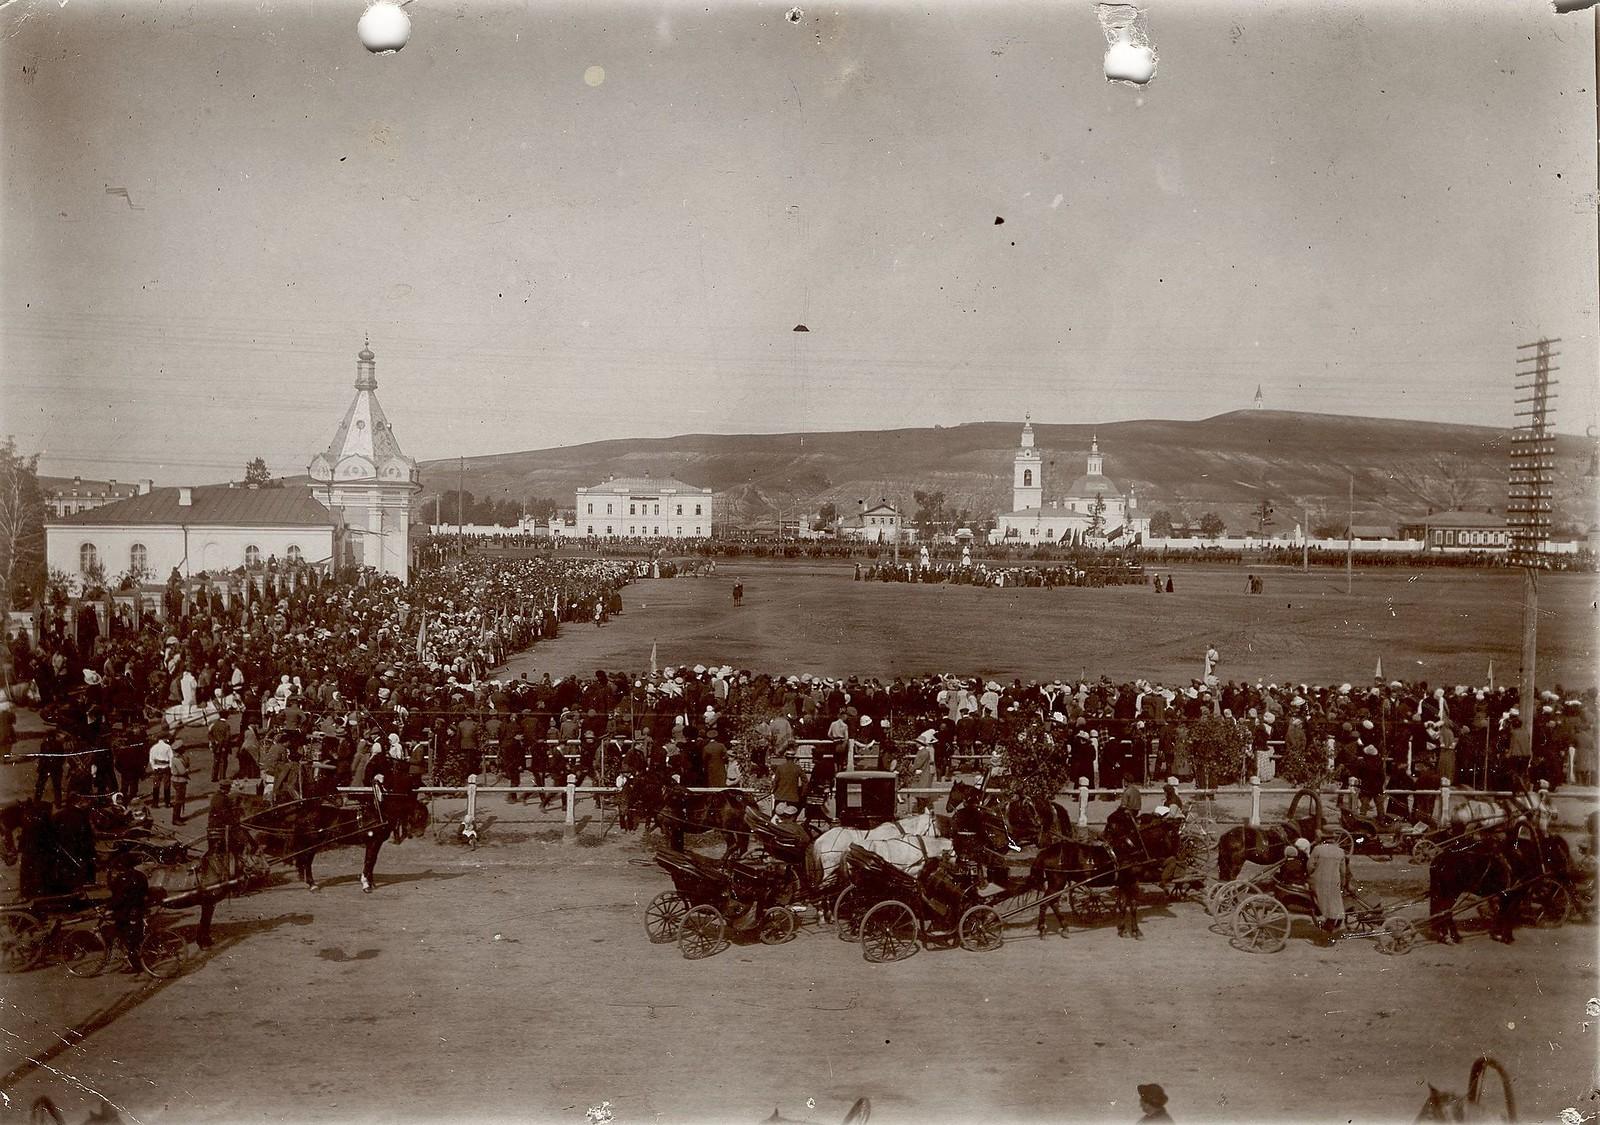 Молебен в Красноярске по поводу победы русской армии в Галицинской битве в августе - сентябре 1914